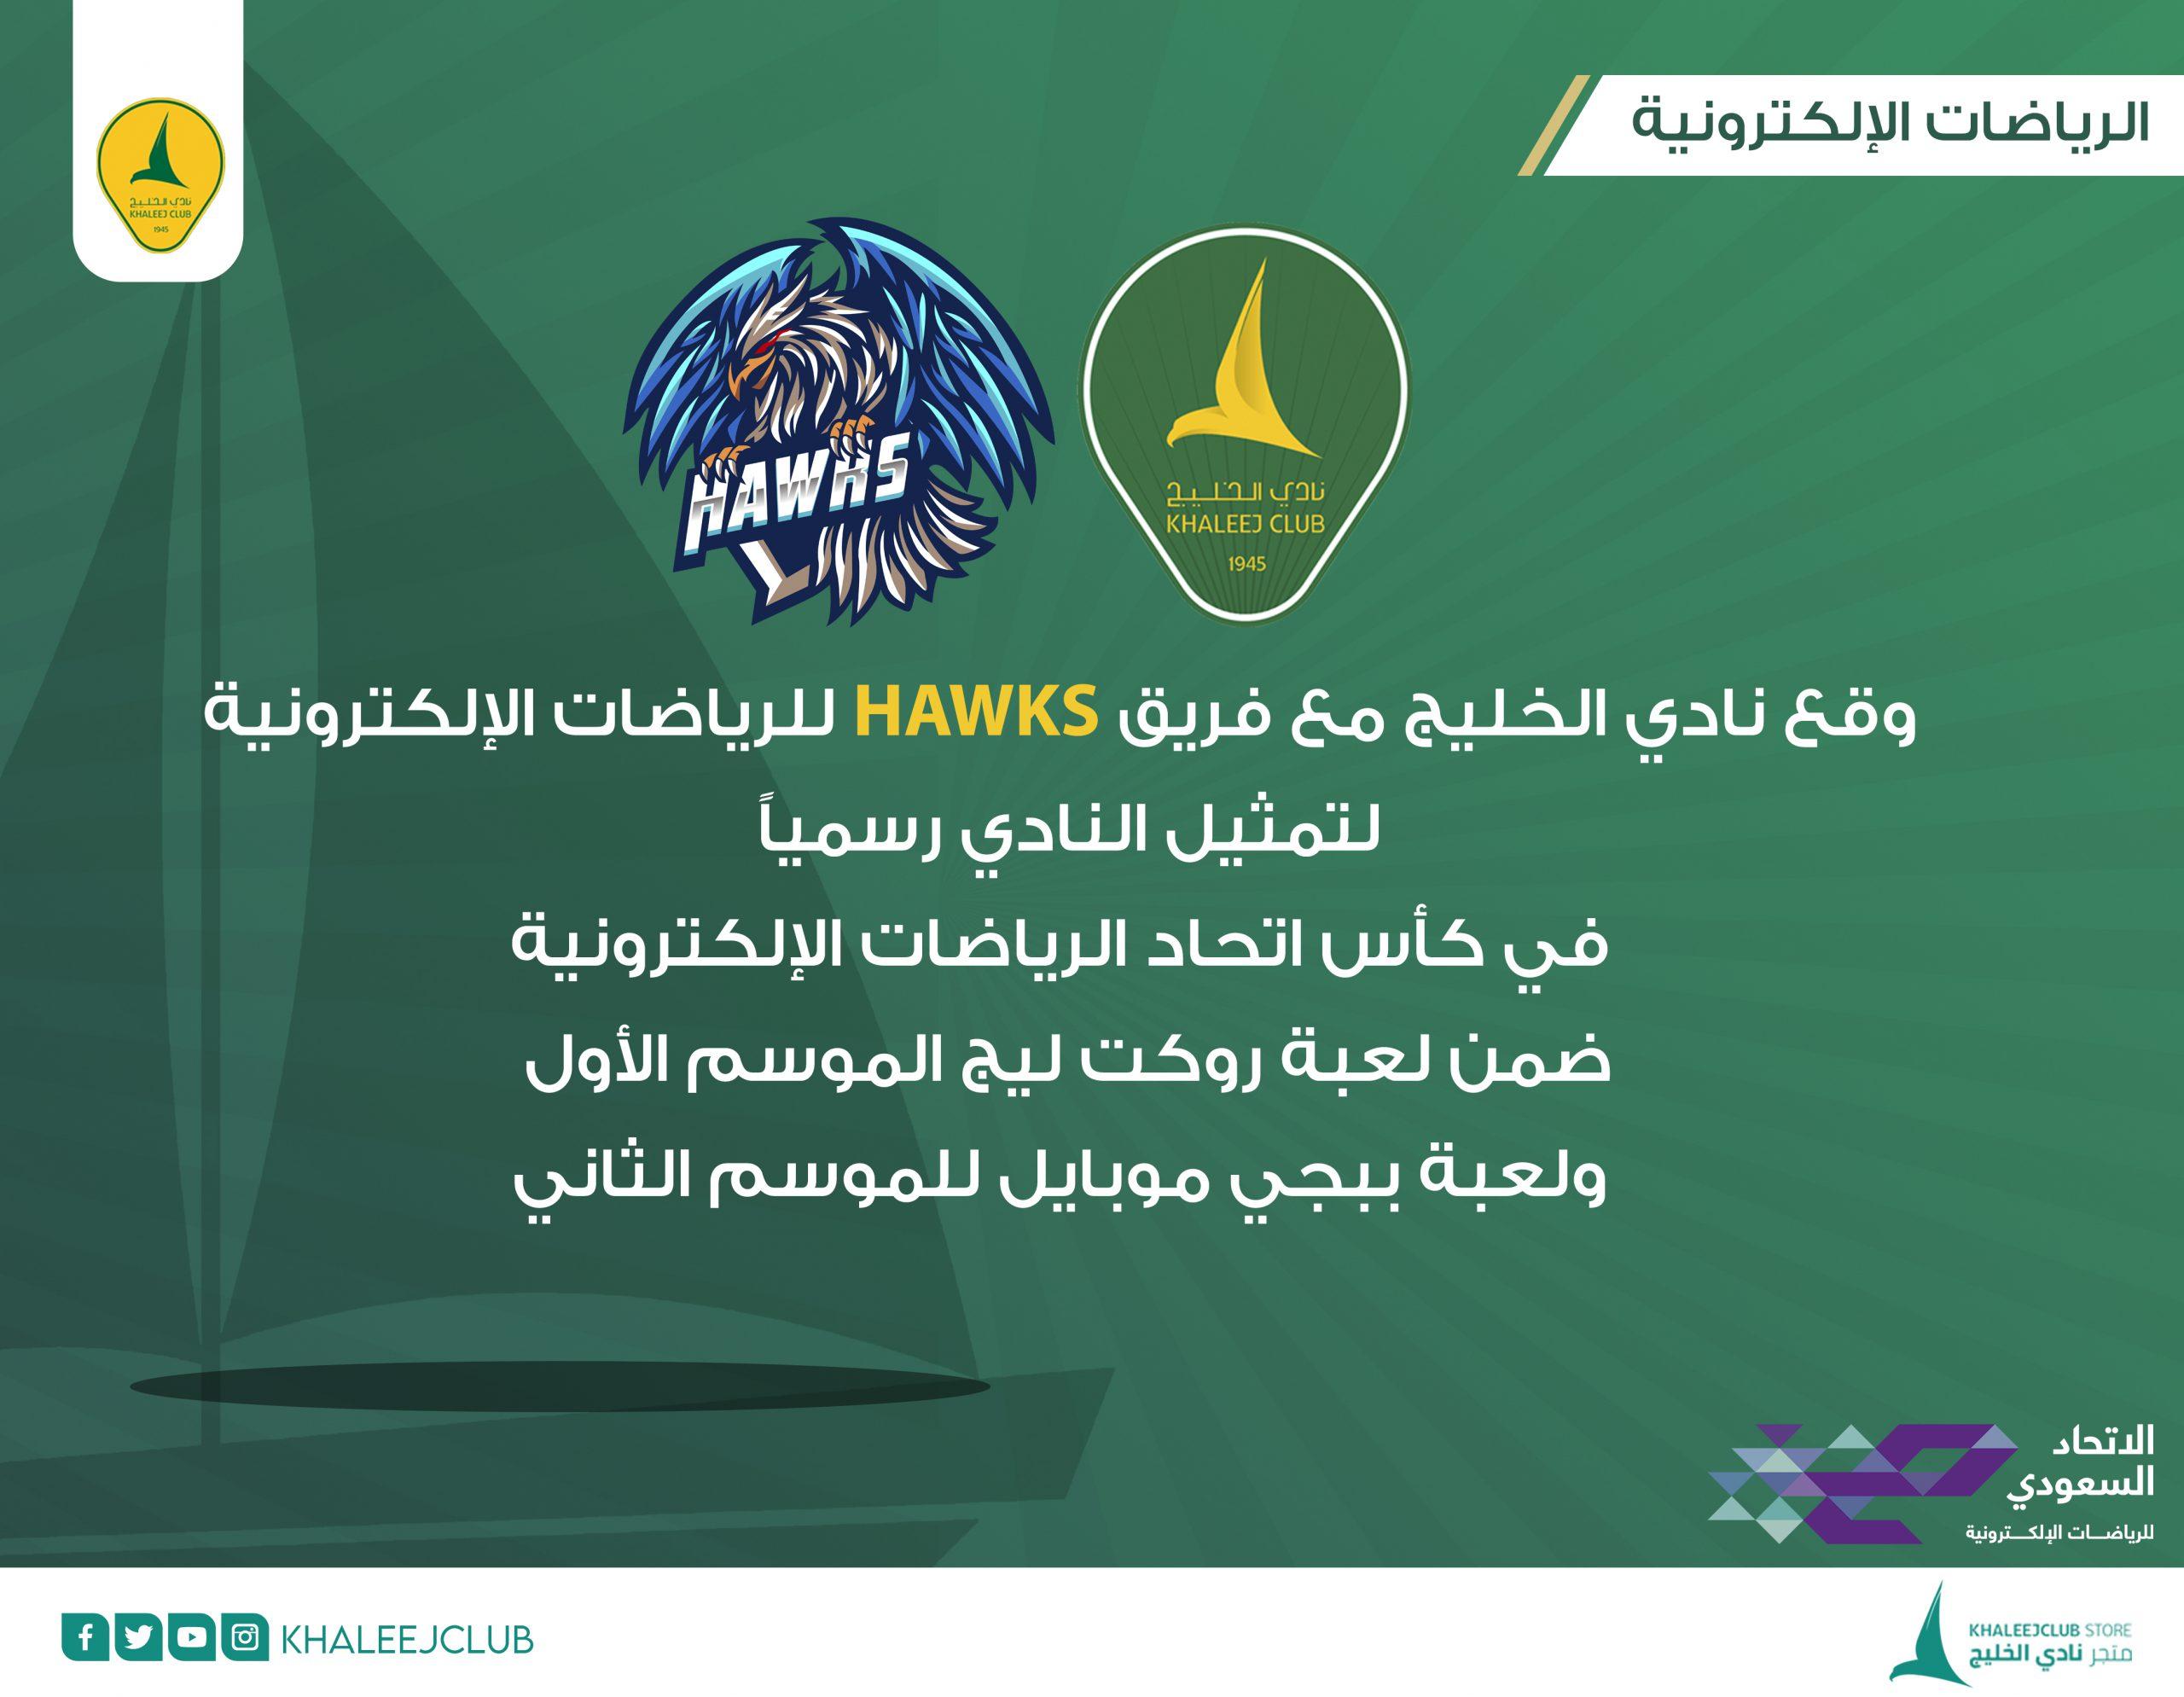 مجلس إدارة نادي الخليج يوقع اتفاقية مع فريق Hawks للرياضات الإلكترونية